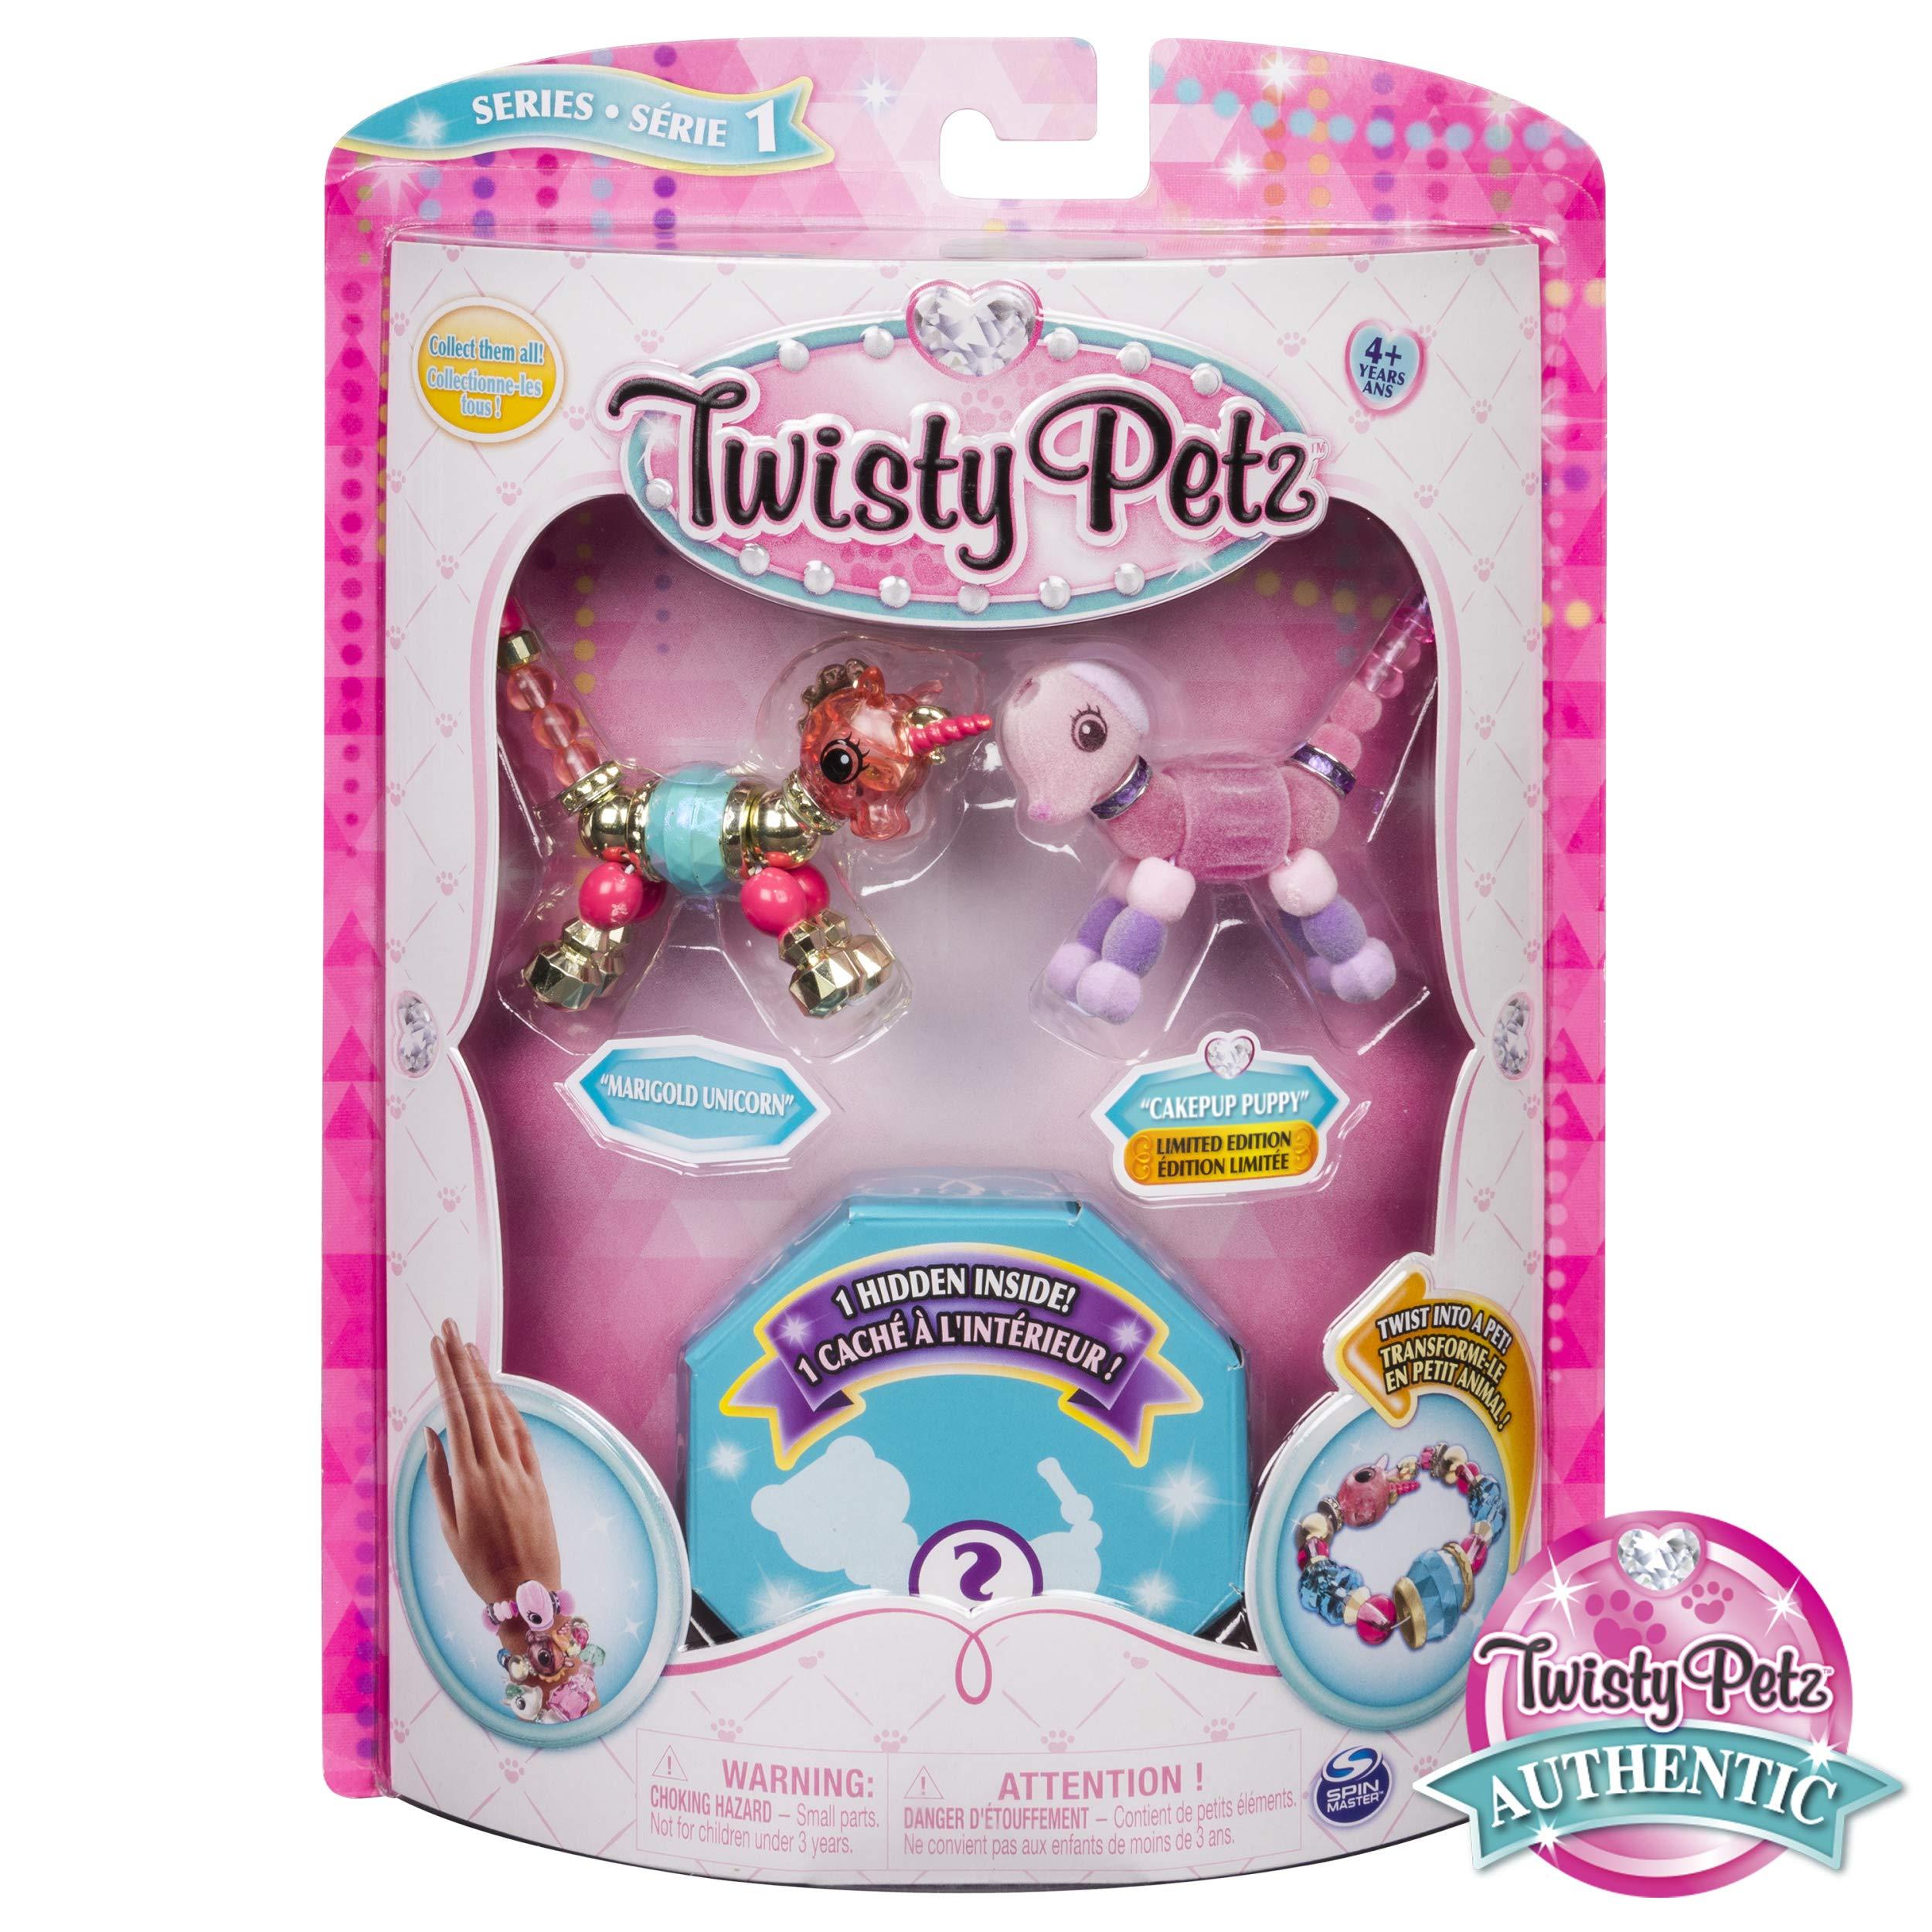 Twisty Petz Collectible Bracelet Set, Unicorn, Puppy & Surprise Pet 3-Pack by Twisty Petz